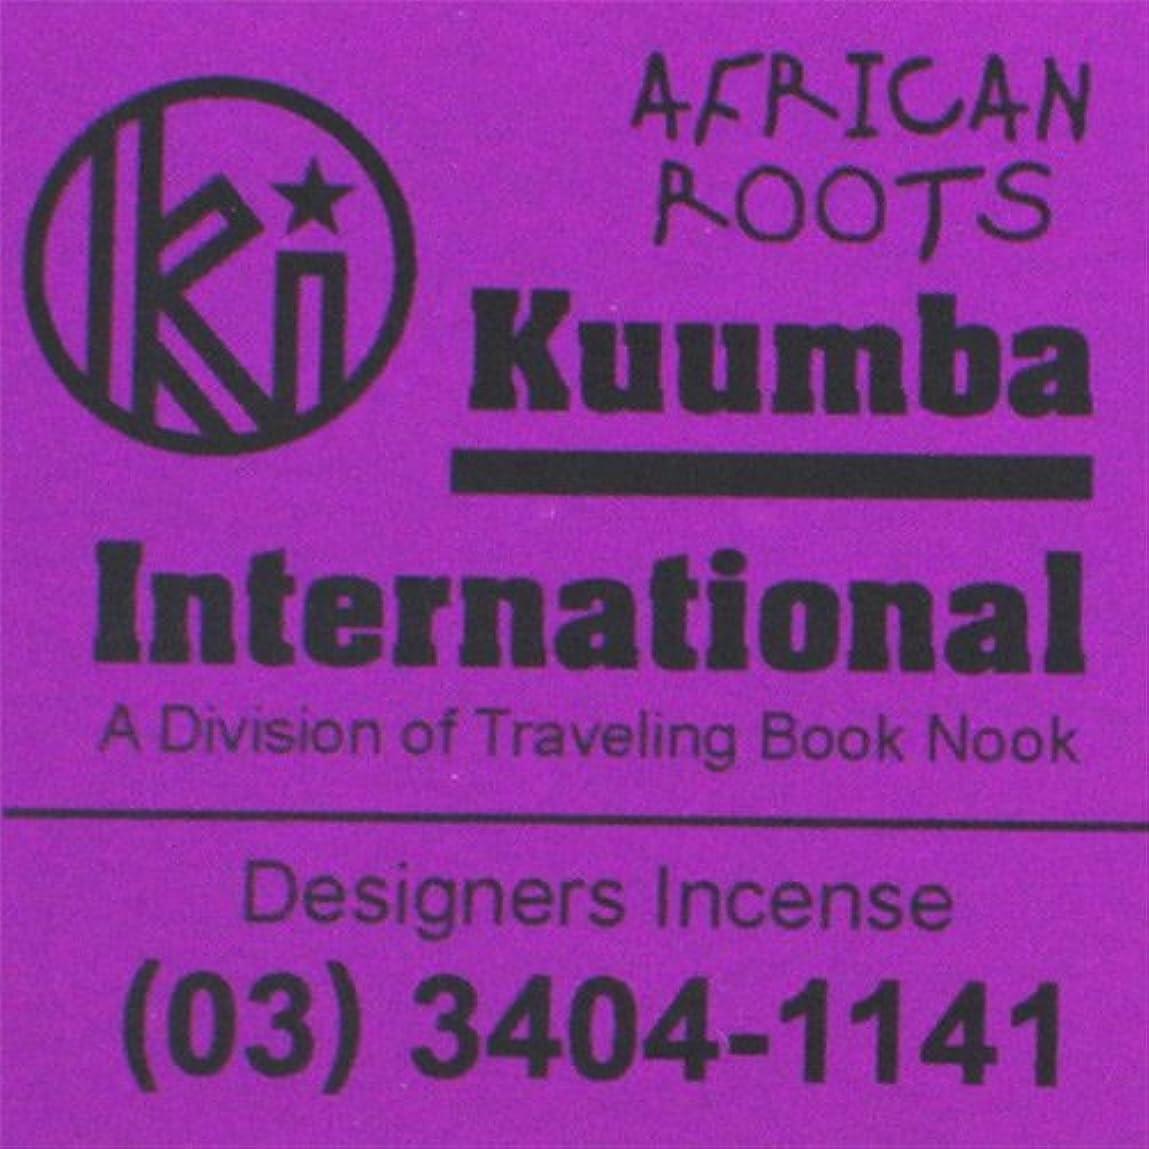 抑圧タンザニア最後にKUUMBA / クンバ『incense』(AFRICAN ROOTS) (Regular size)